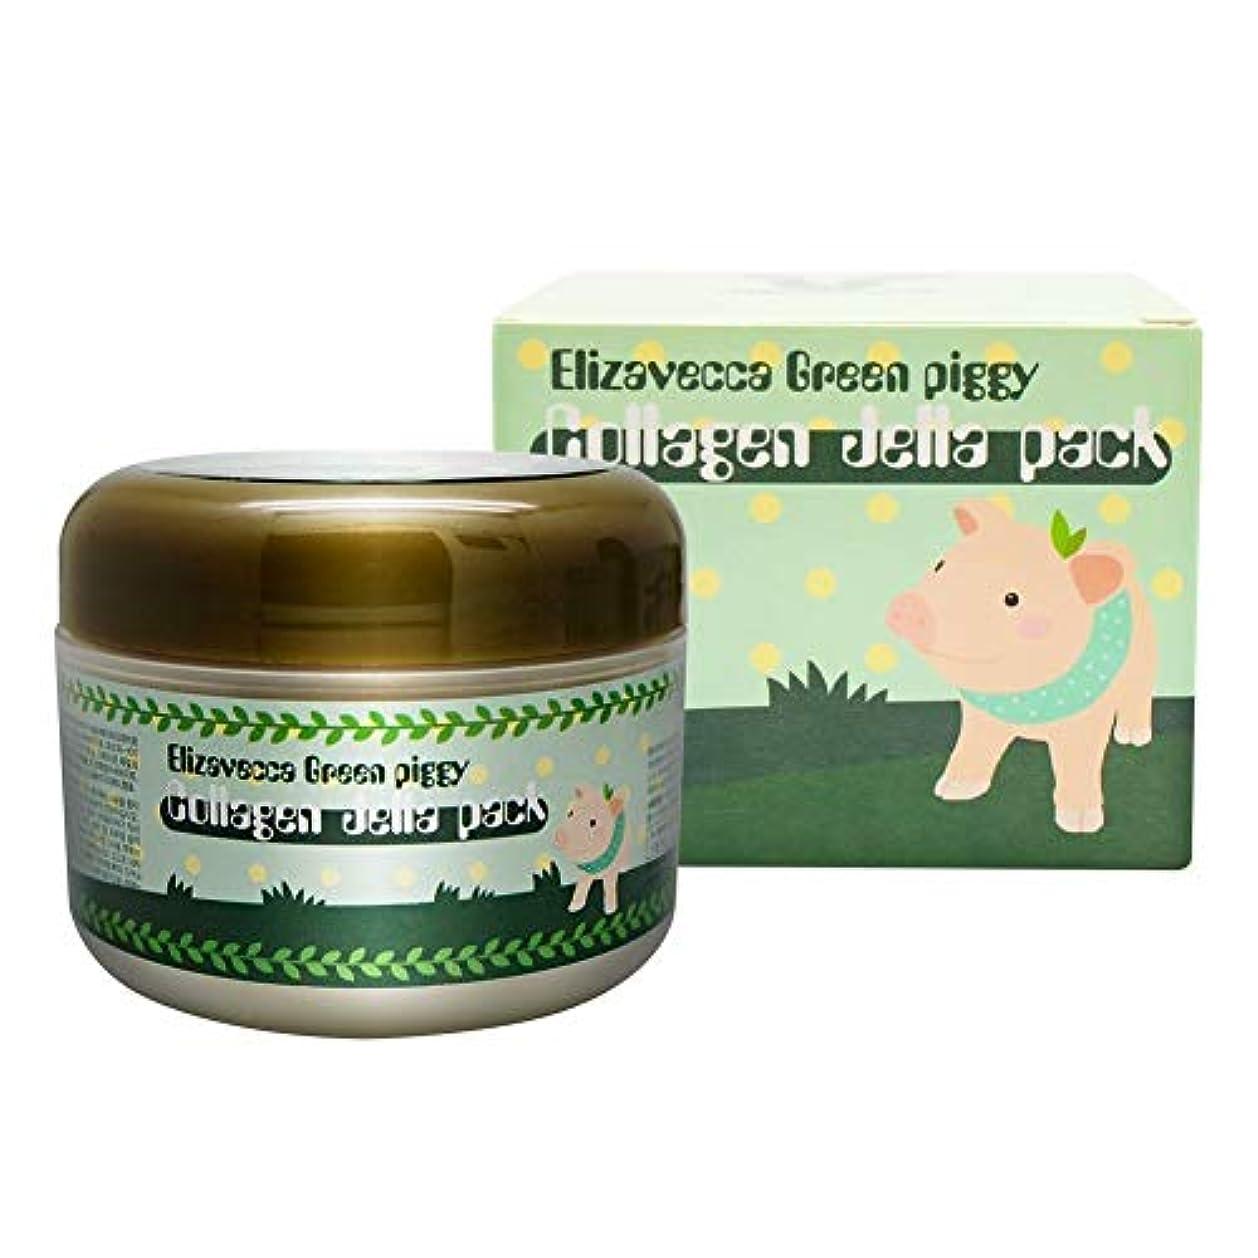 仲間交通委任するElizavecca Green Piggy Collagen Jella Pack pig mask 100g